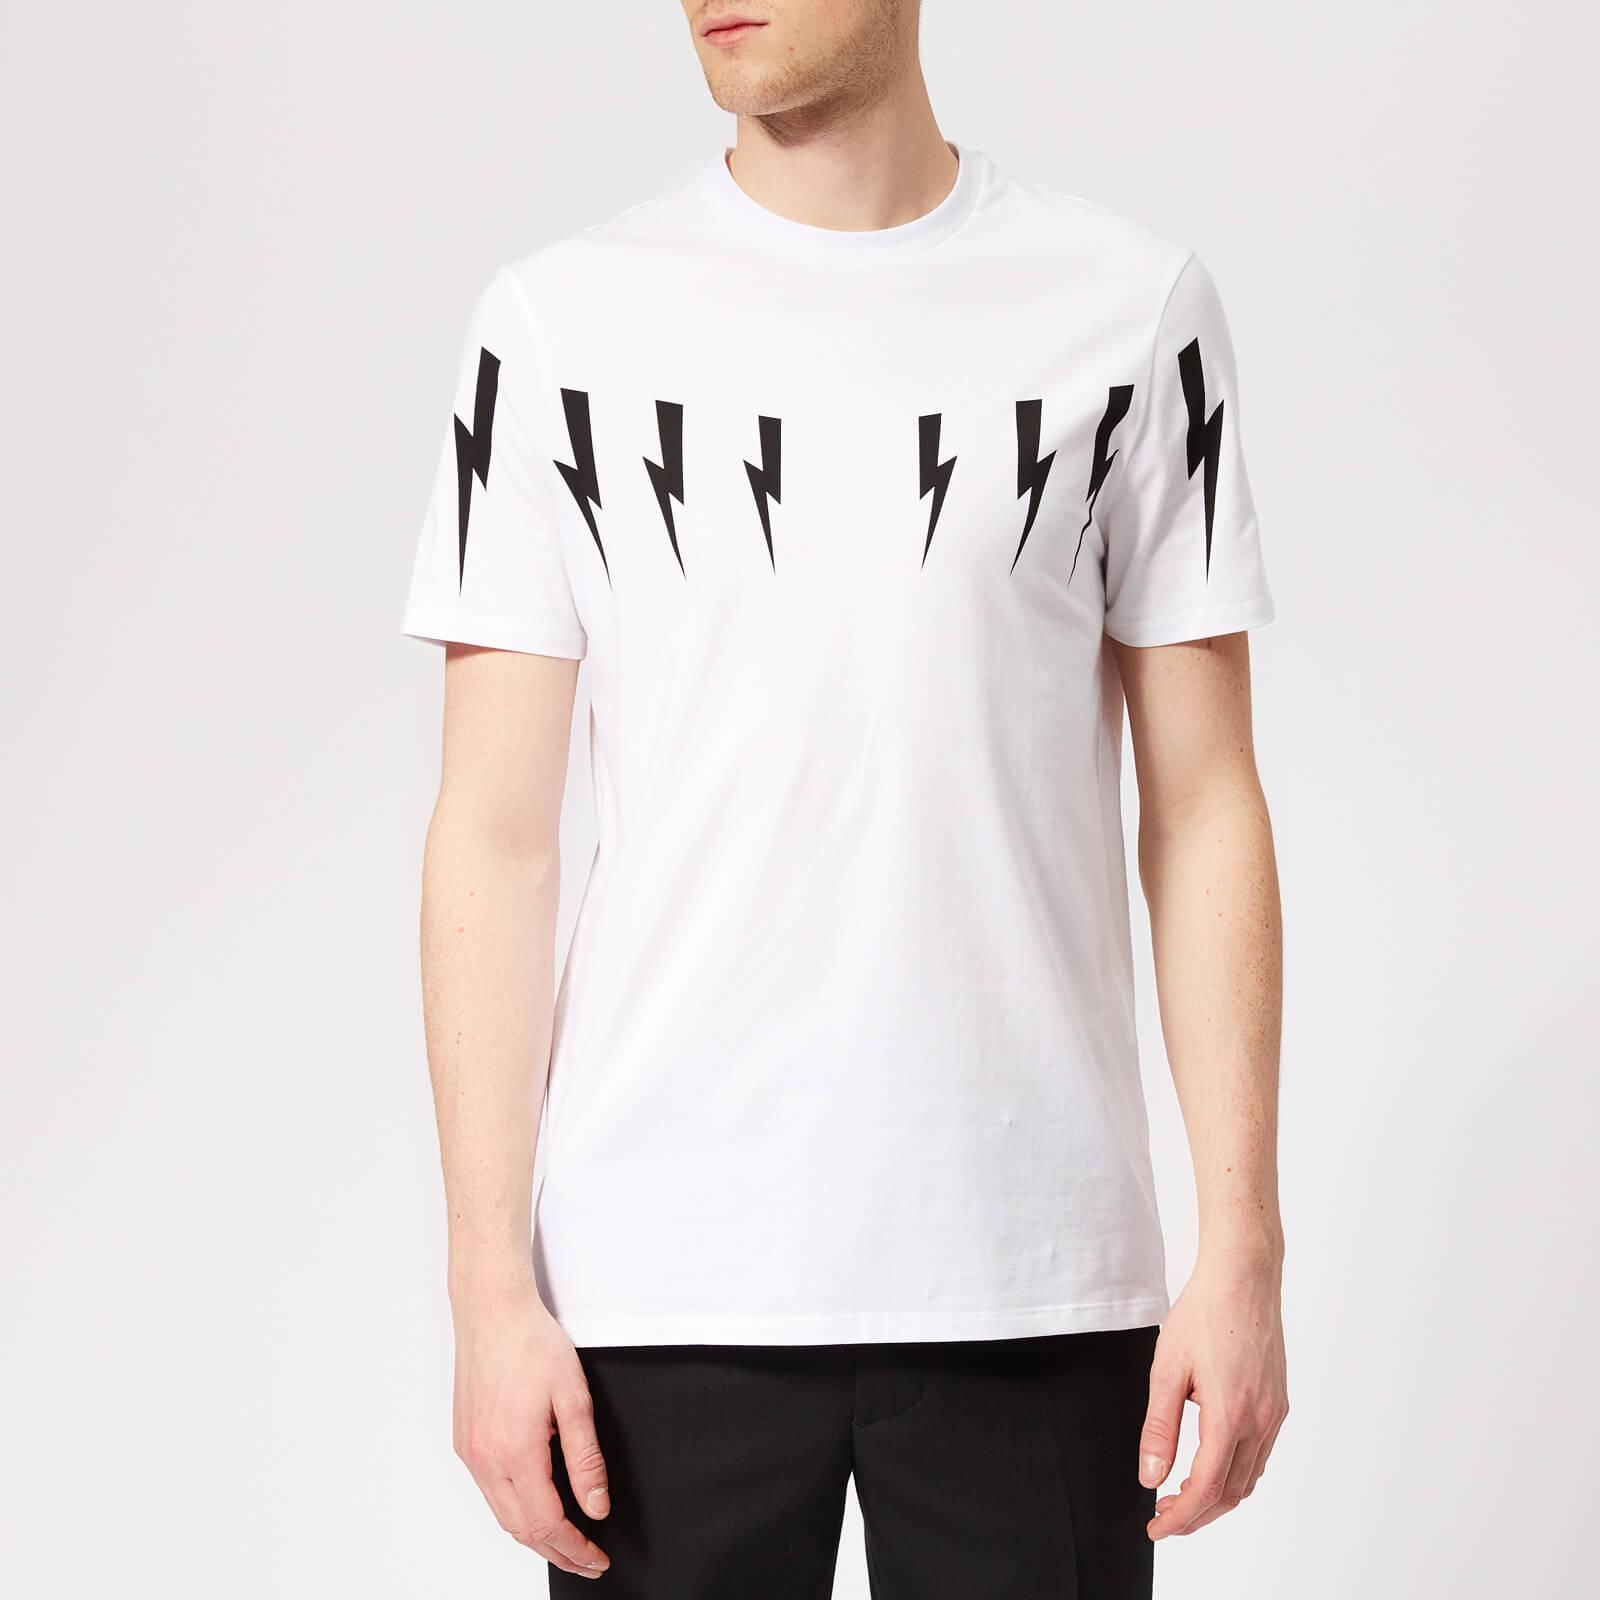 bcd61b8d Neil Barrett Men's Bolt Wings T-Shirt - White/Black - Free UK Delivery over  £50